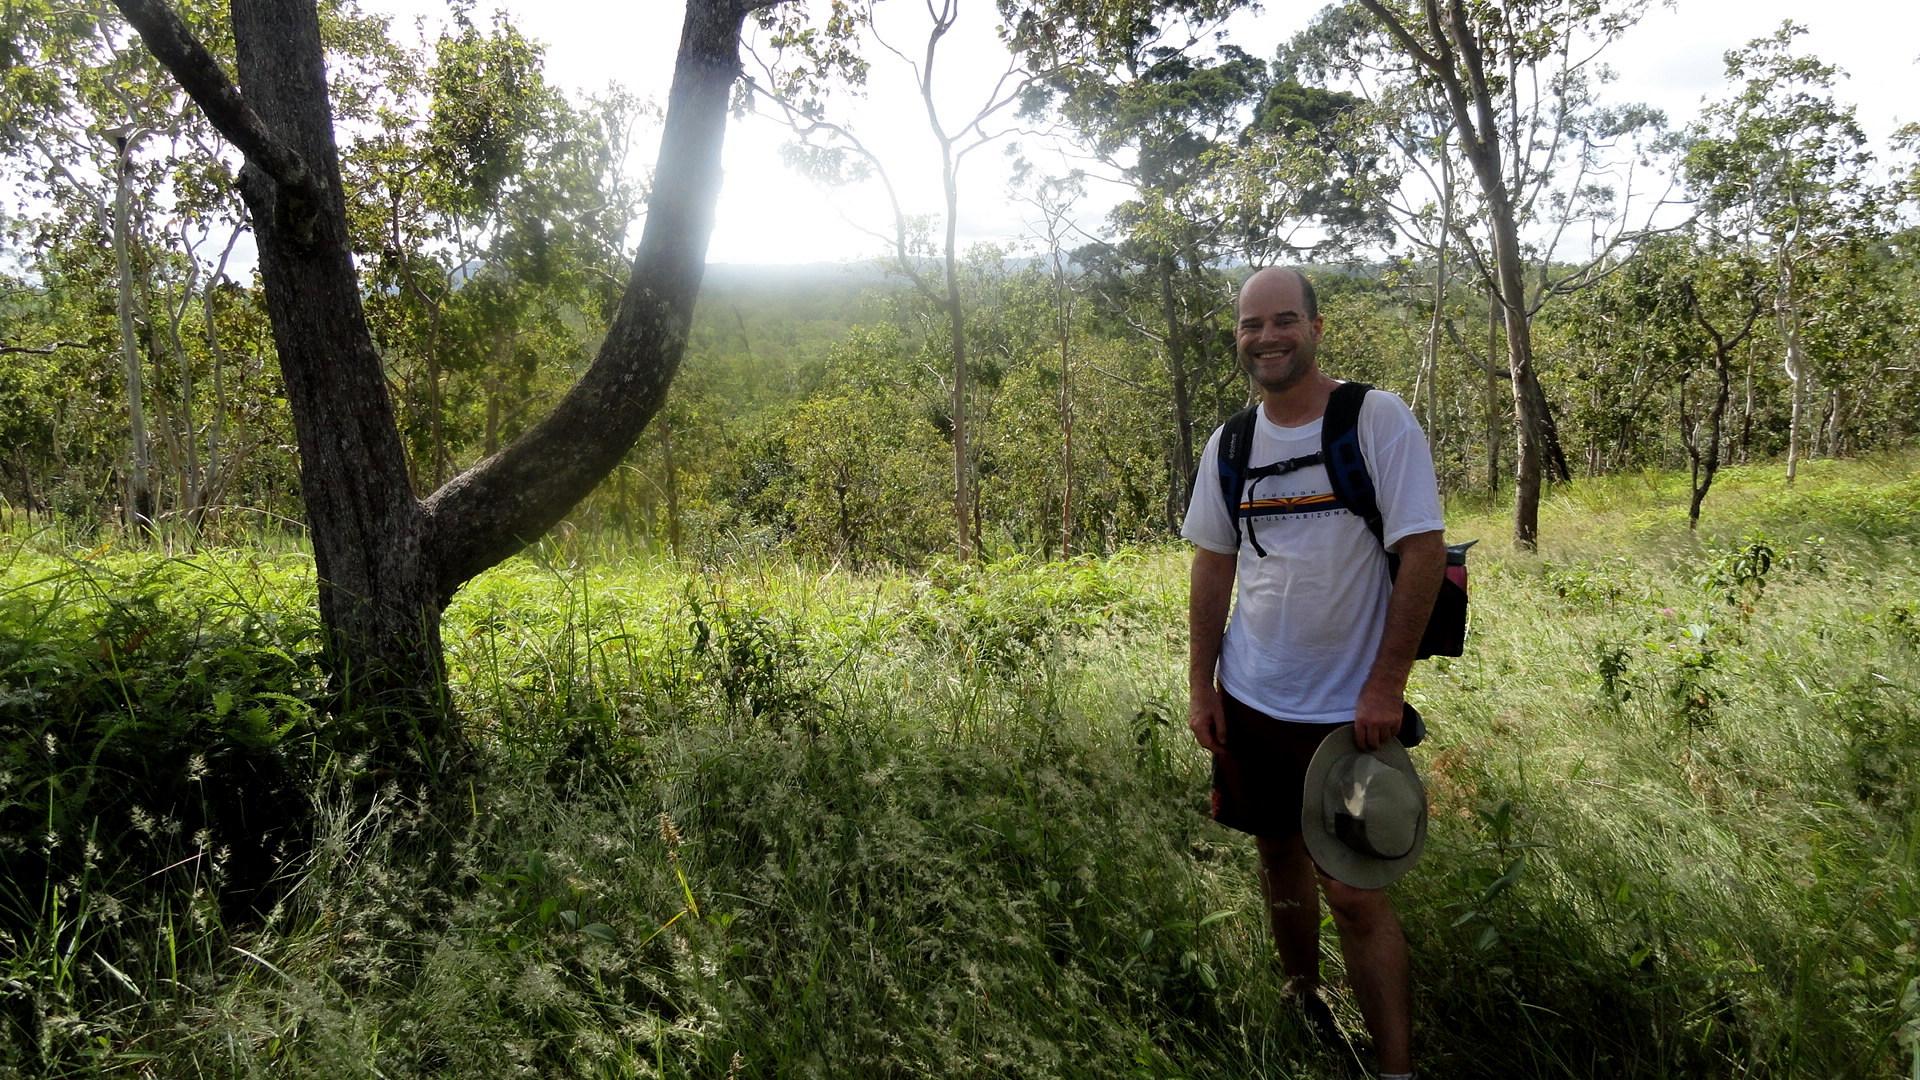 Paul in Grasslands on RP Walk